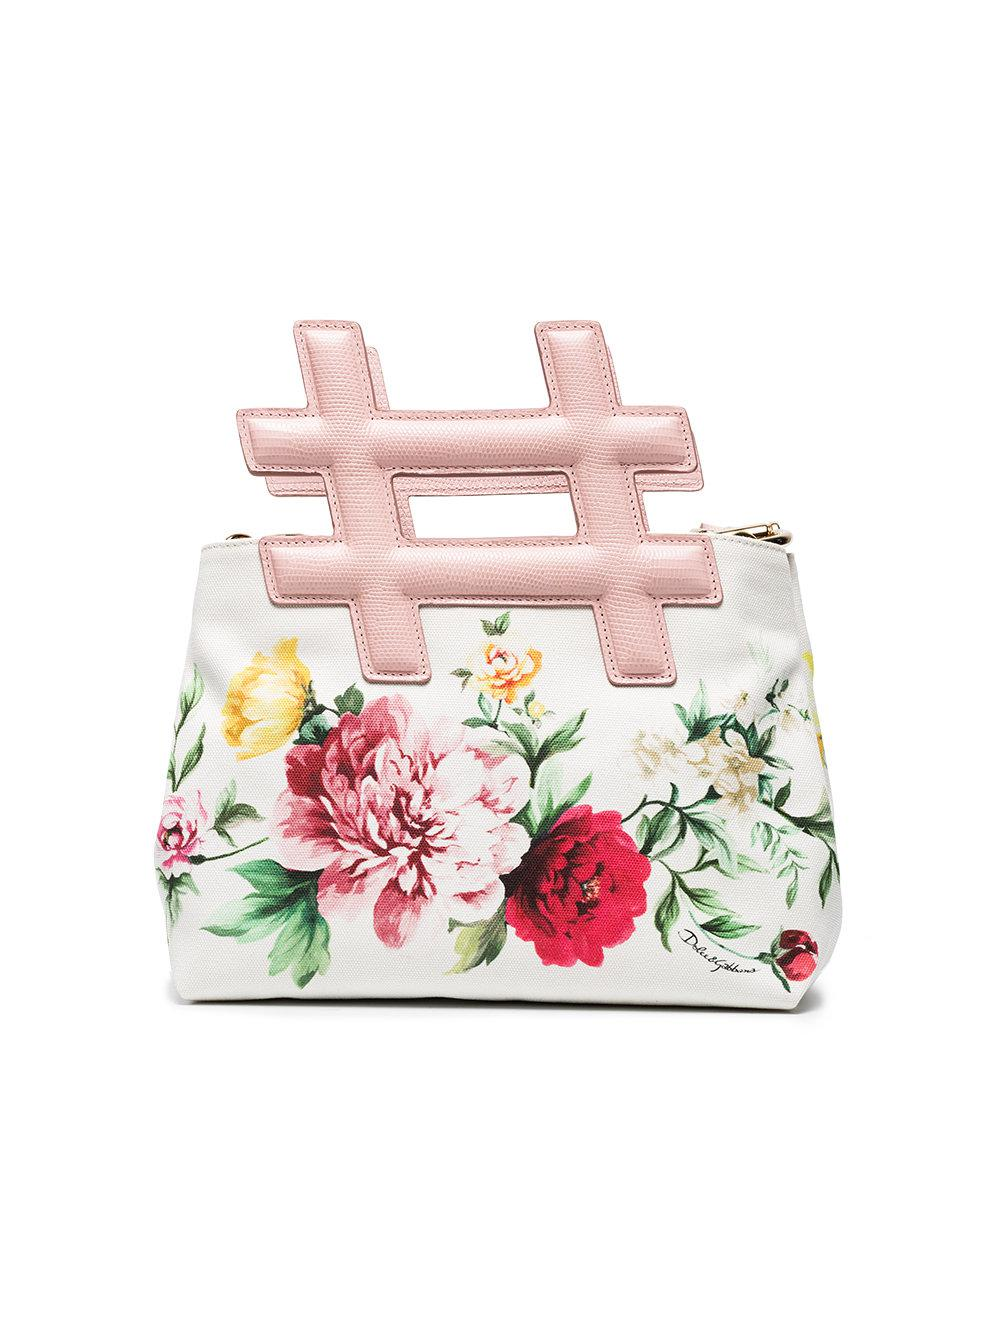 Dolce & Gabbana Sac à main Hashtag à fleurs ckyWmp3Bc